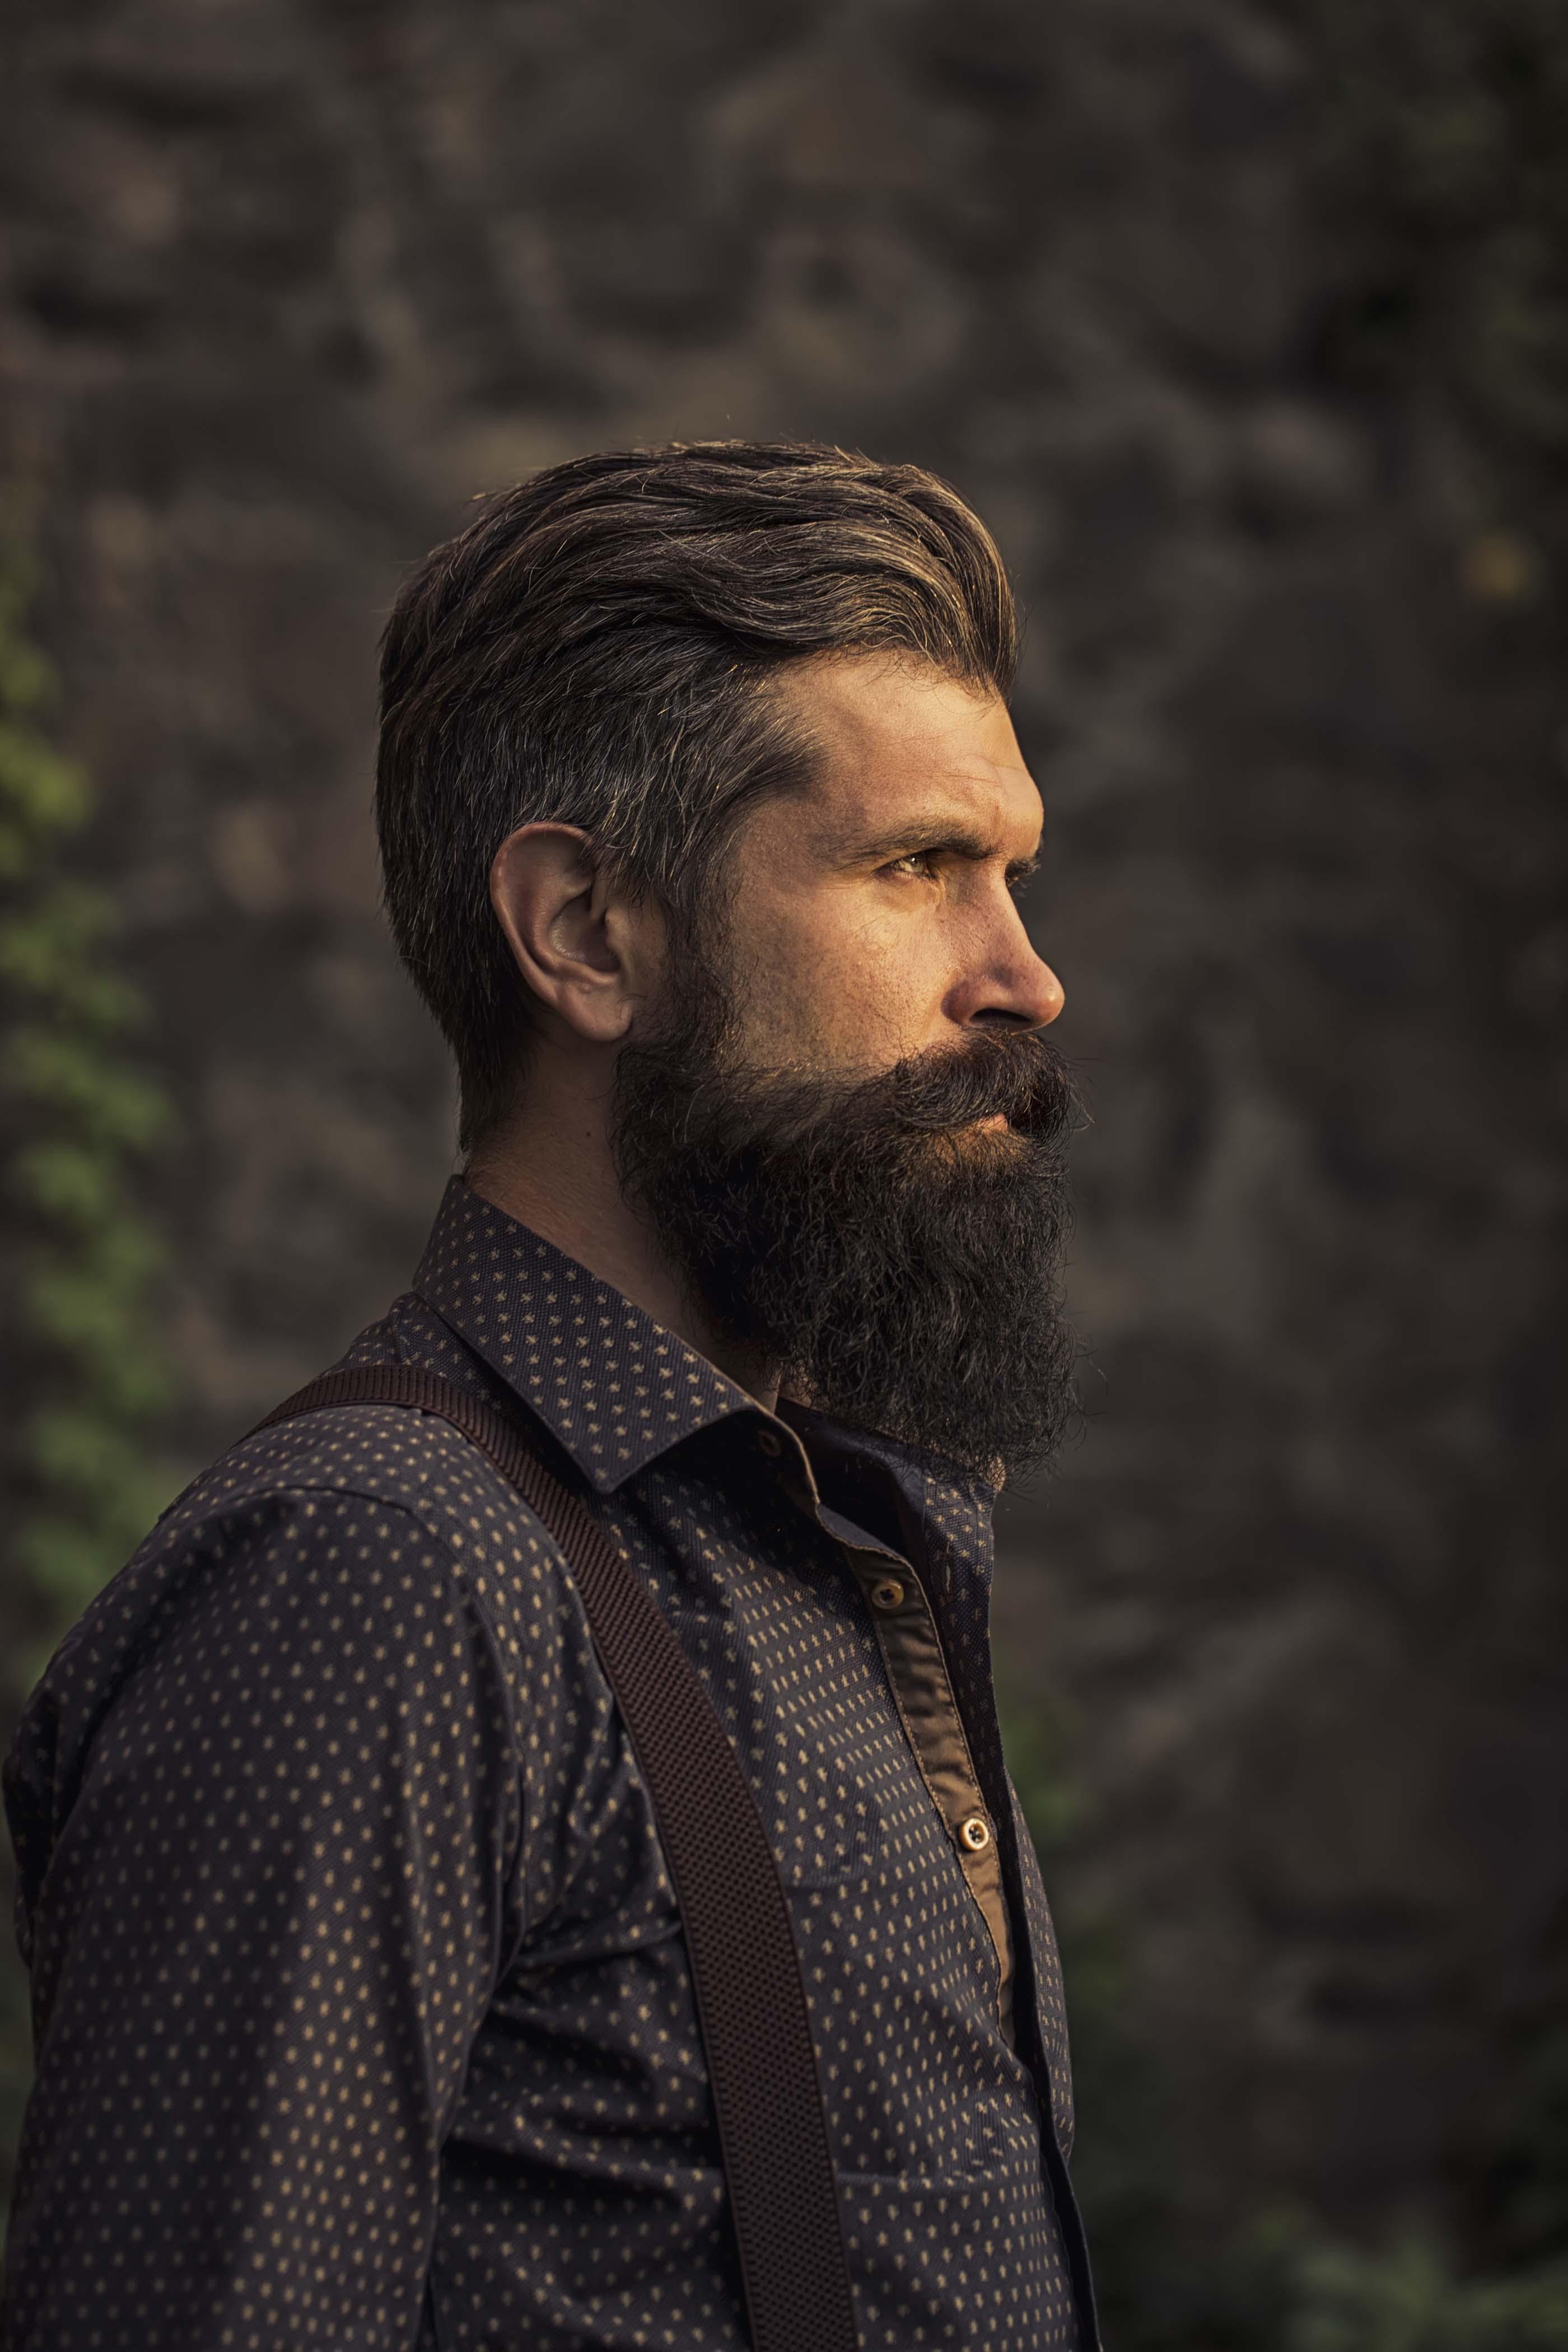 rapado lateral de hombre con jopo y barba